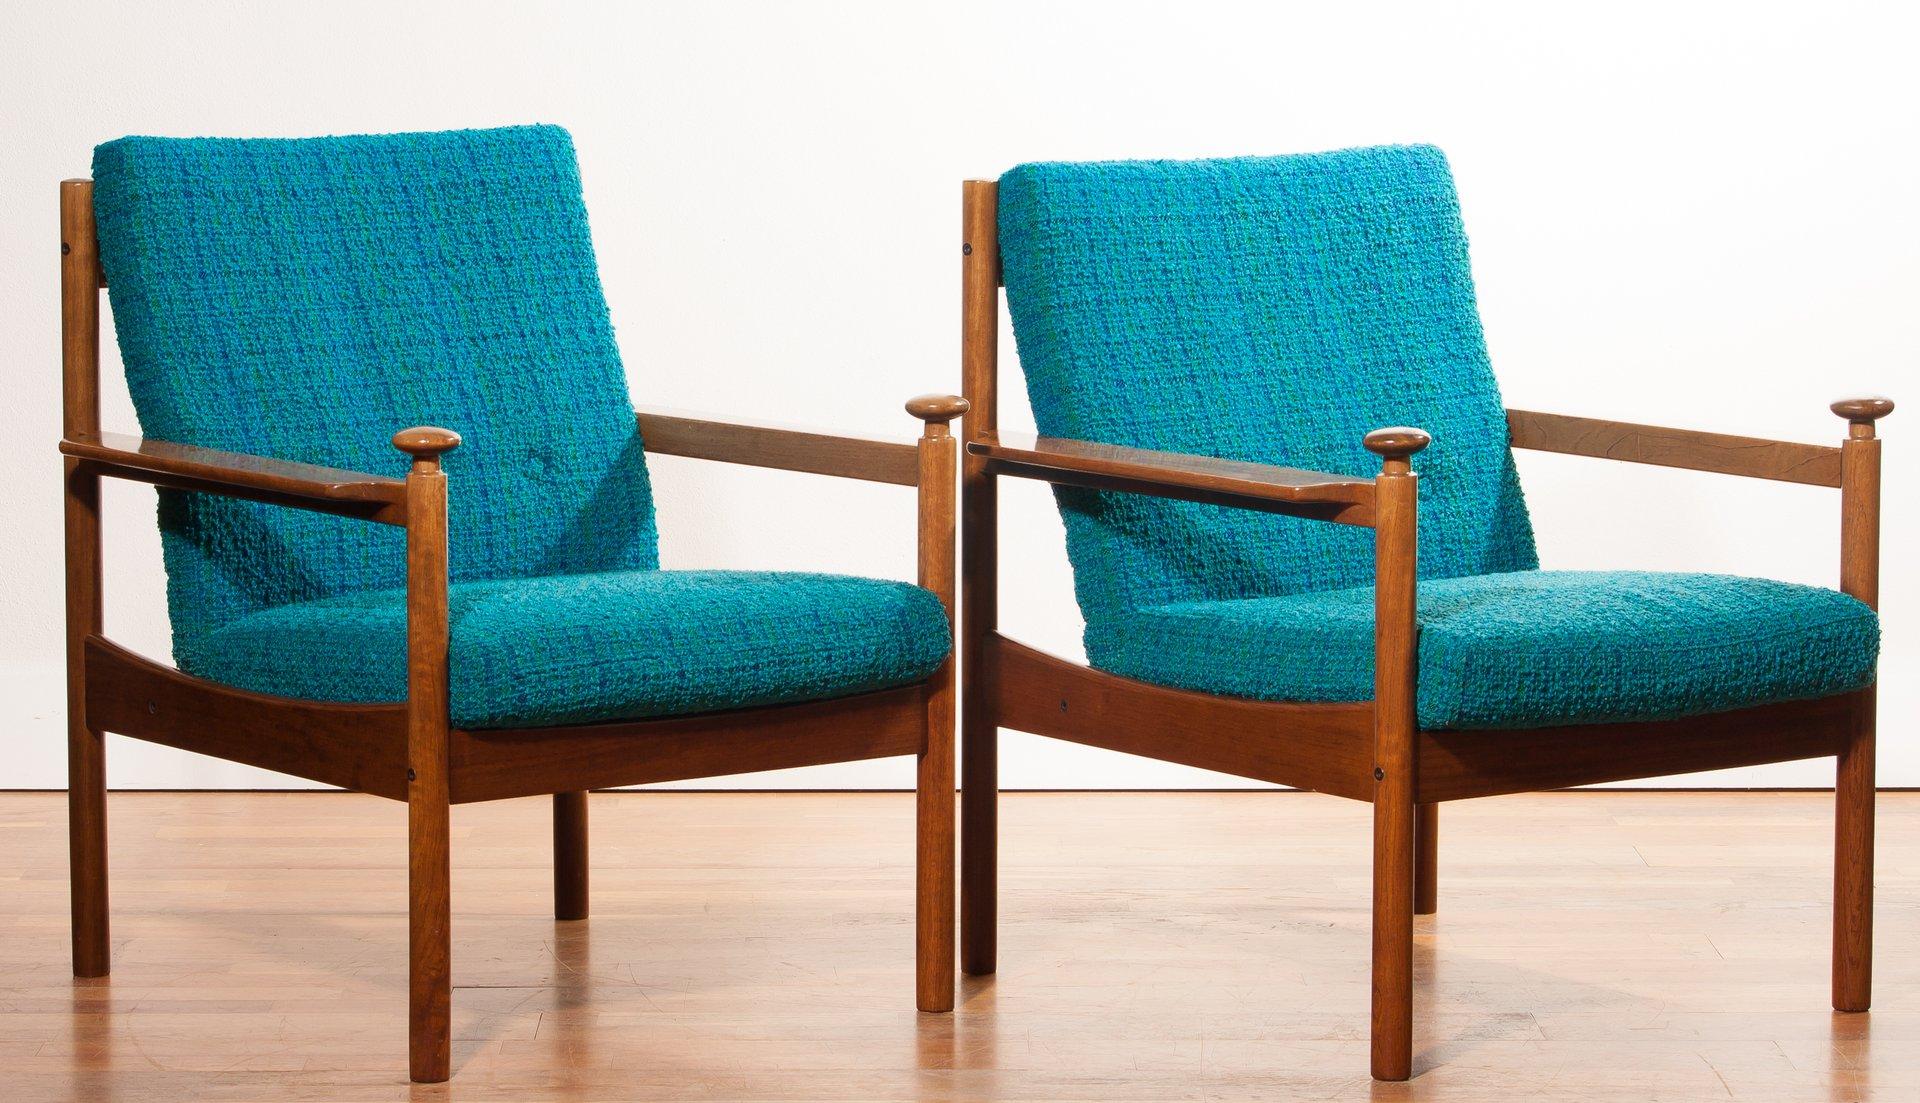 Lounge Chairs by Torbjørn Afdal for Sandvik & Co Møbler 1950s Set of 2